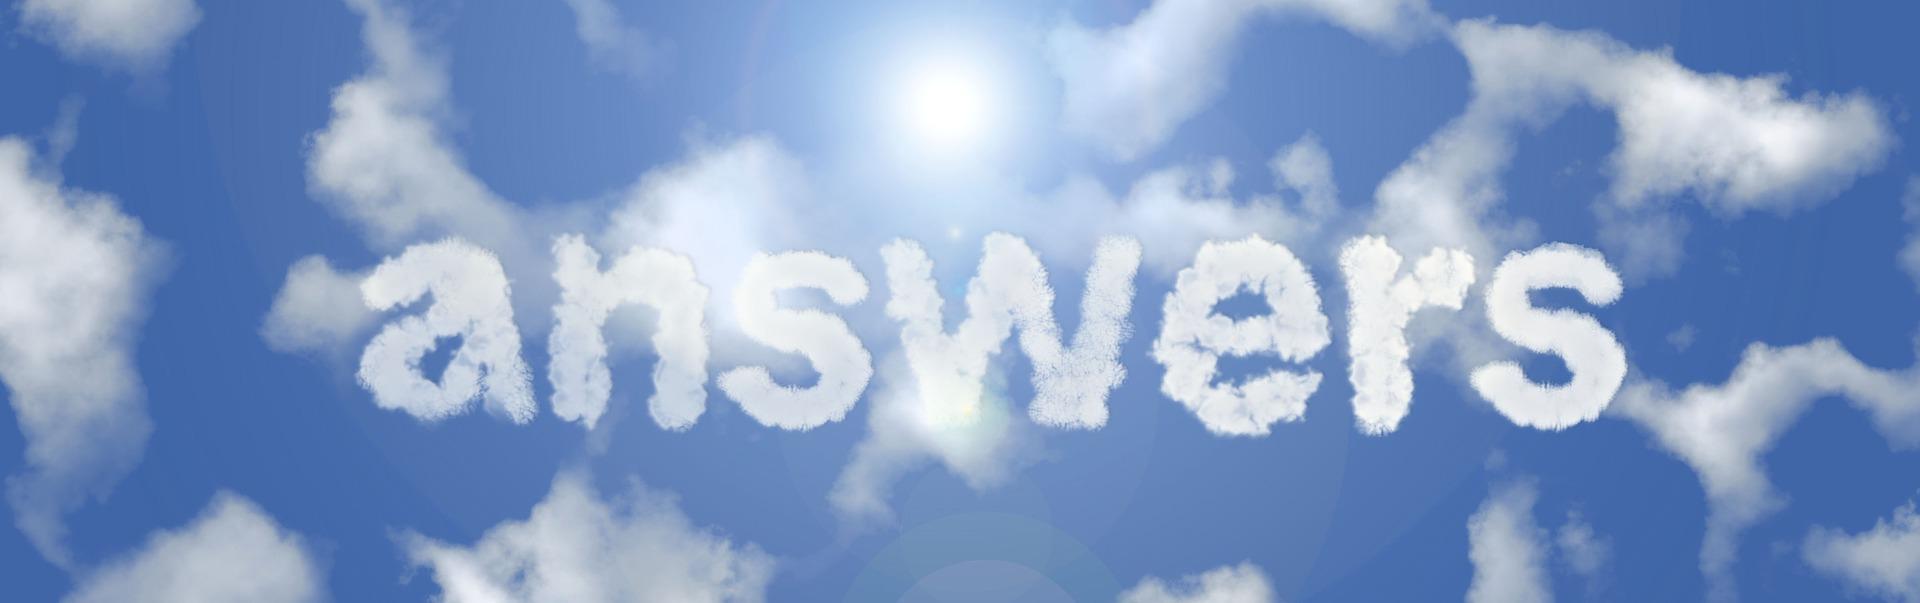 clouds-1702272_1920